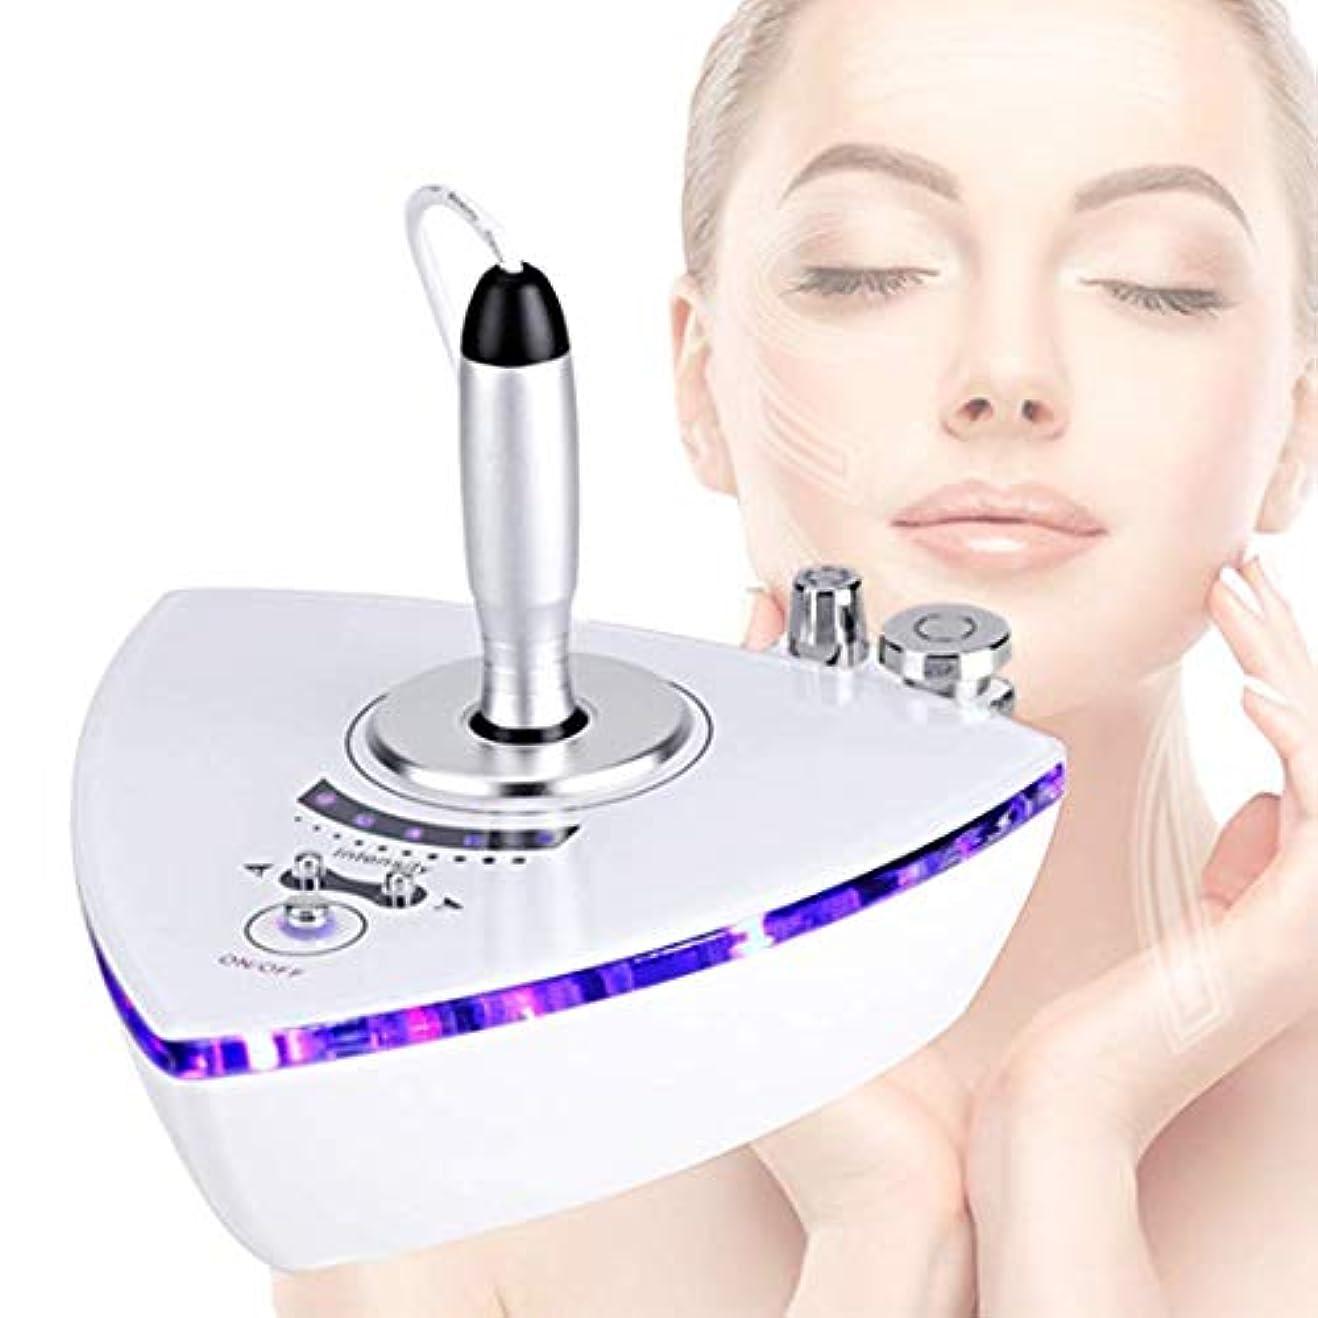 師匠釈義主にRFの無線周波数の美顔術機械、反老化のスキンケアをきつく締める皮の若返りのしわ除去の皮のための家の使用携帯用美顔術機械